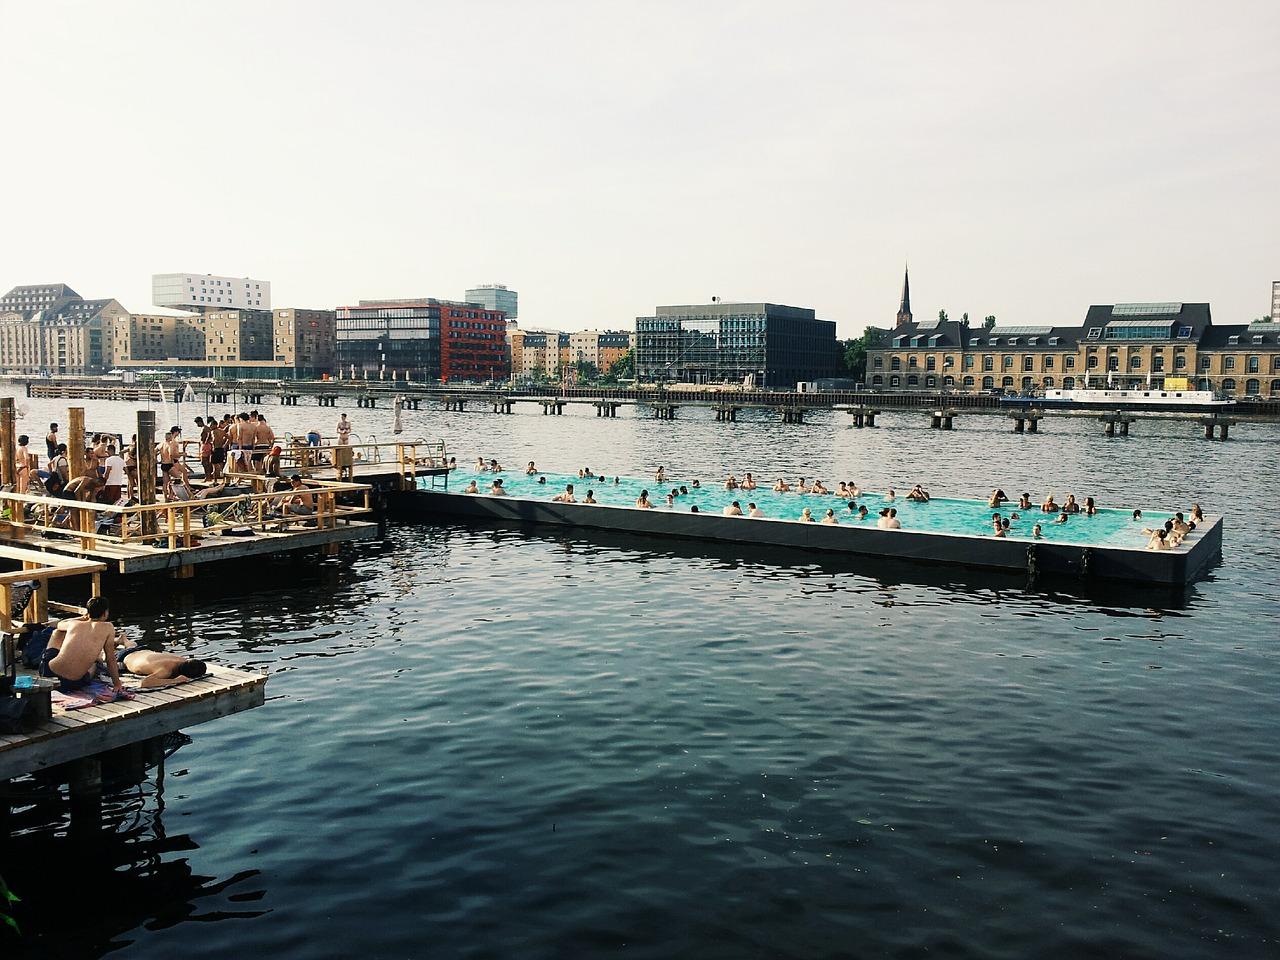 Eine Vielzahl von Personen badet im Badeschiff auf der Spree in Berlin